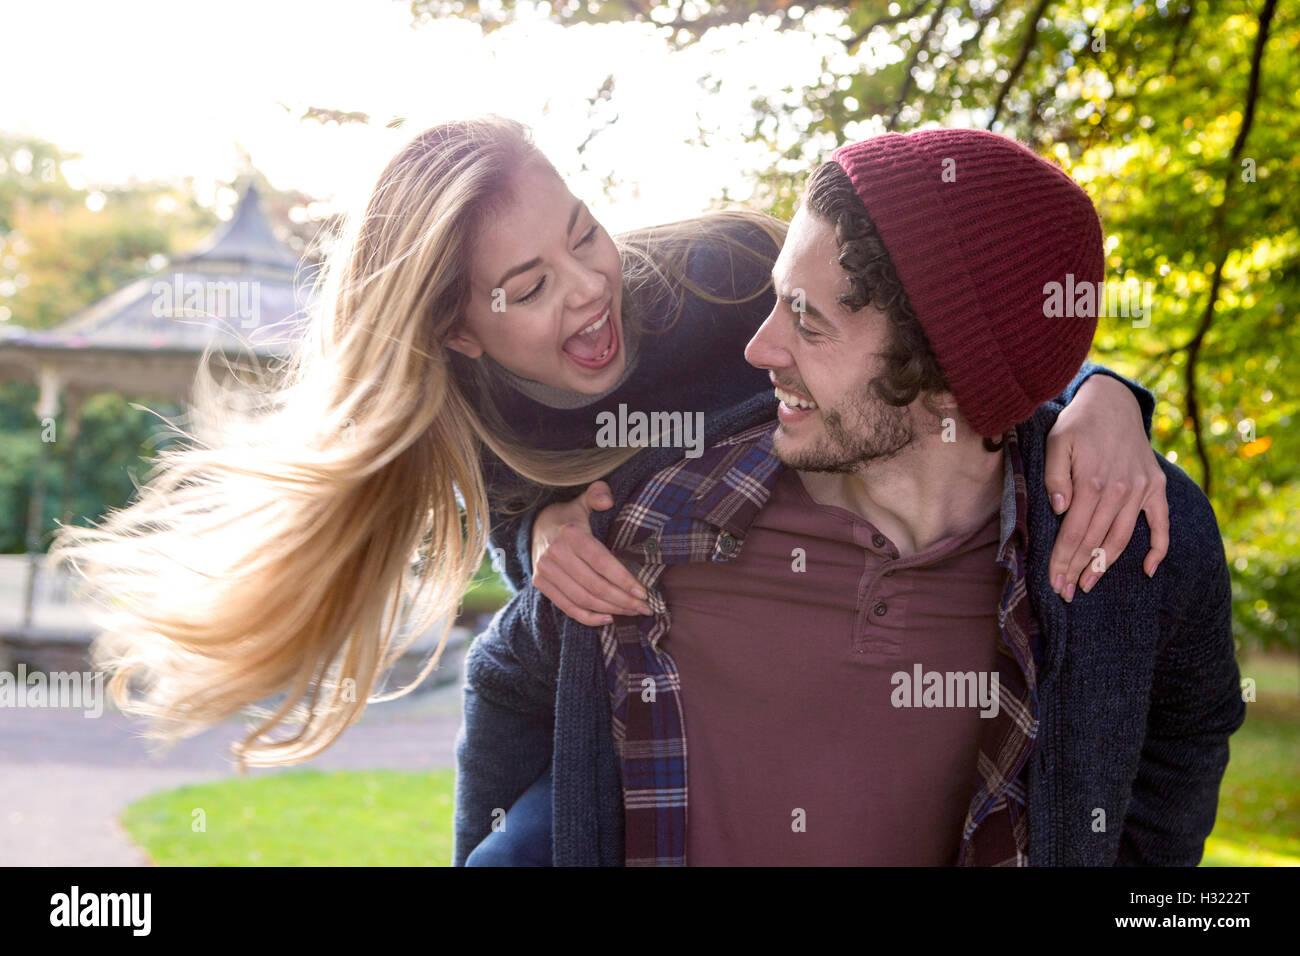 Jeune couple de s'amuser ensemble à l'extérieur. Le mans petite amie est de sauter sur son dos. Photo Stock